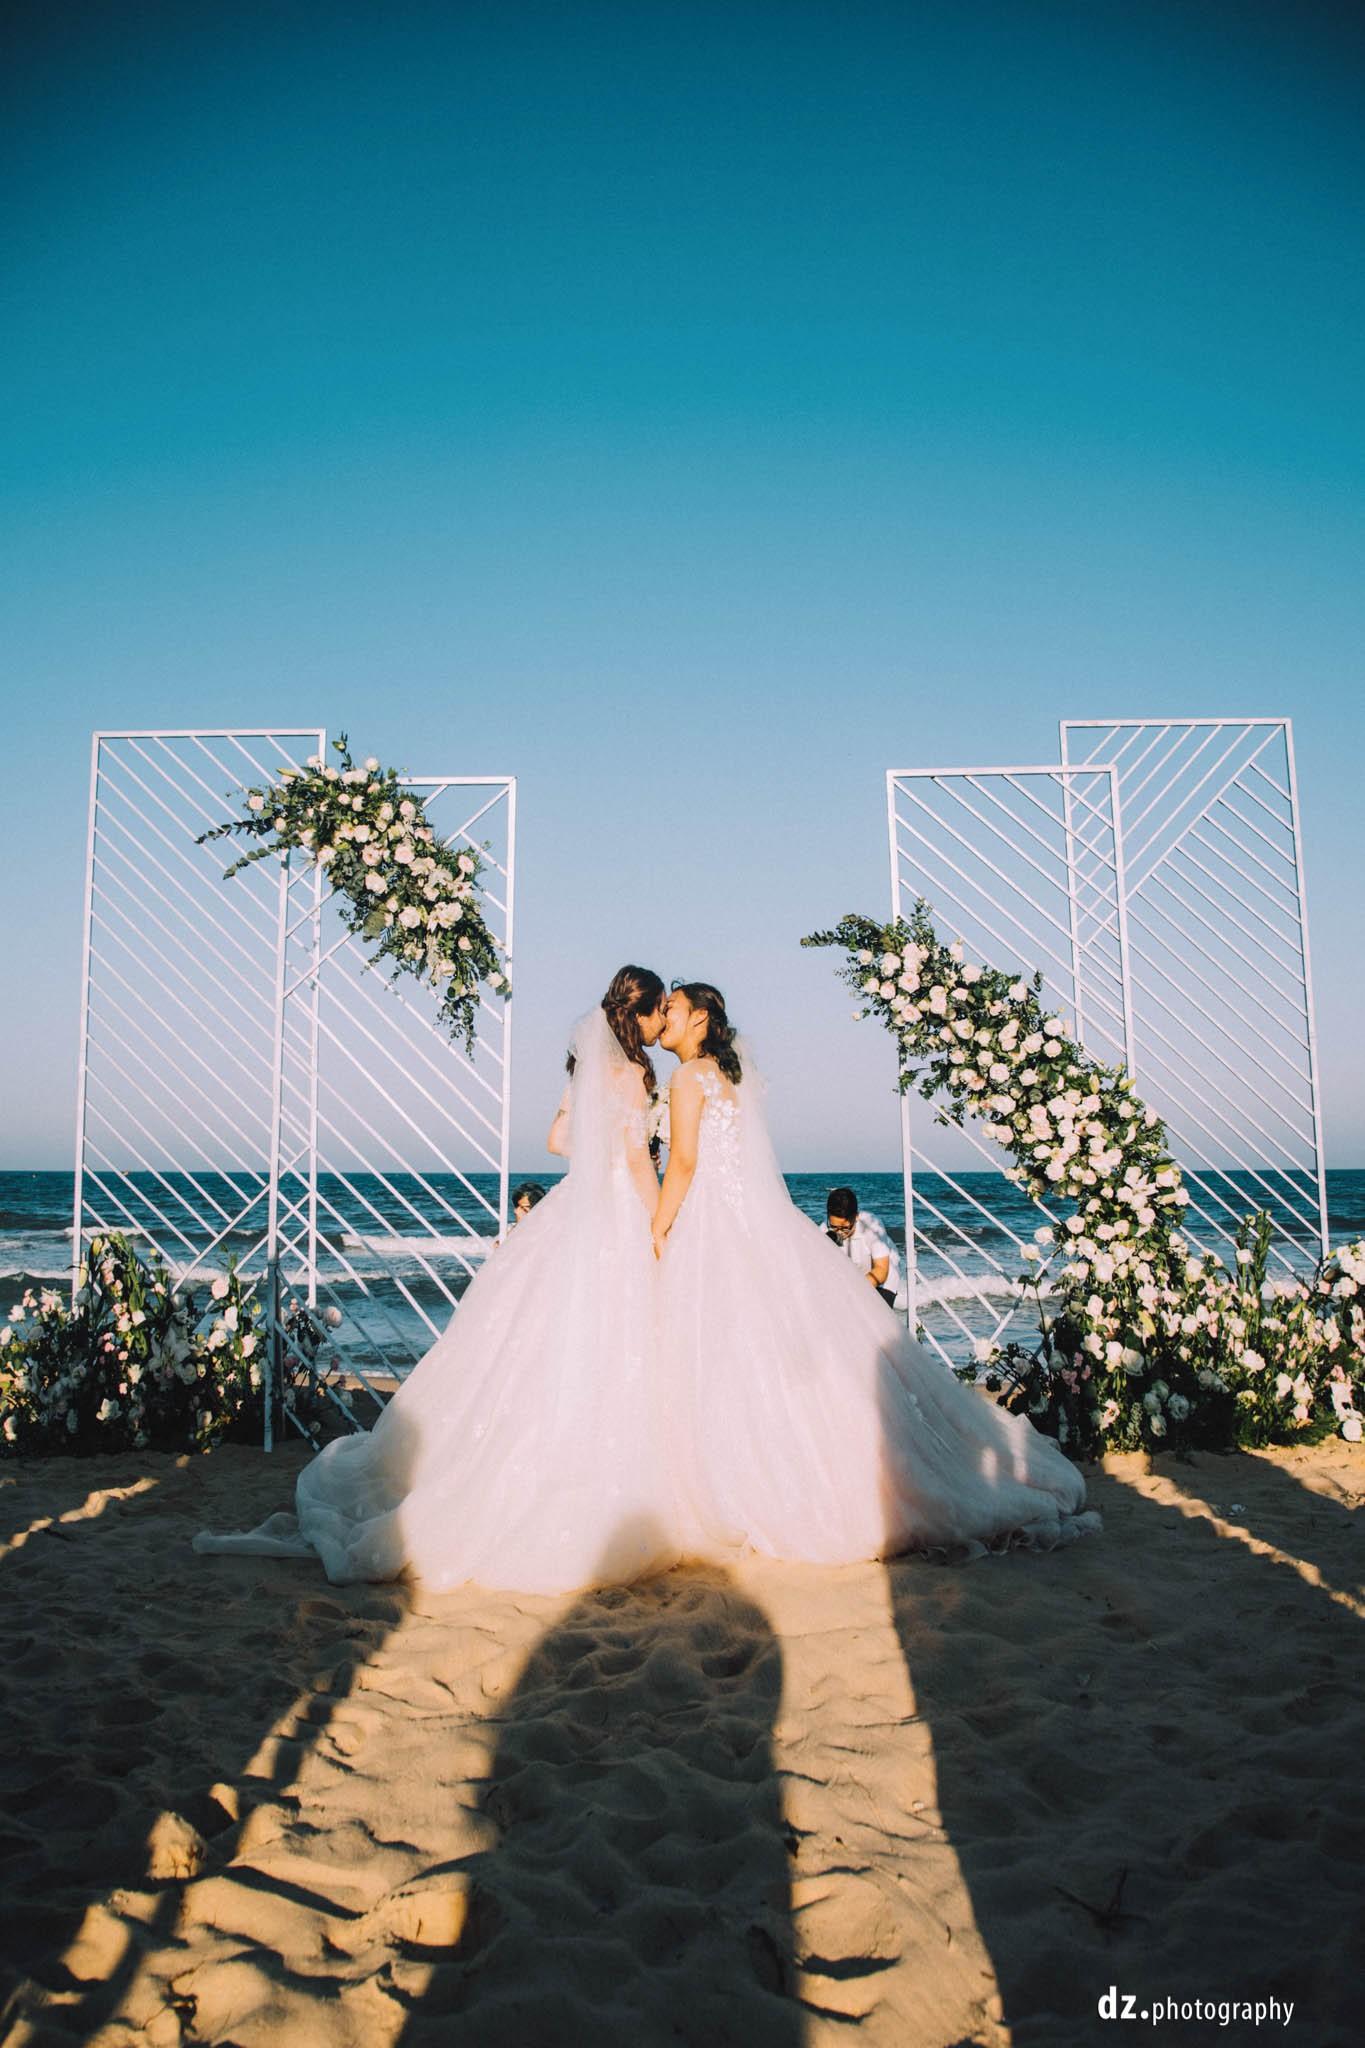 Đám cưới đồng tính của hai cô gái từng là tình địch giữa bãi biển Bình Thuận thơ mộng - Ảnh 7.